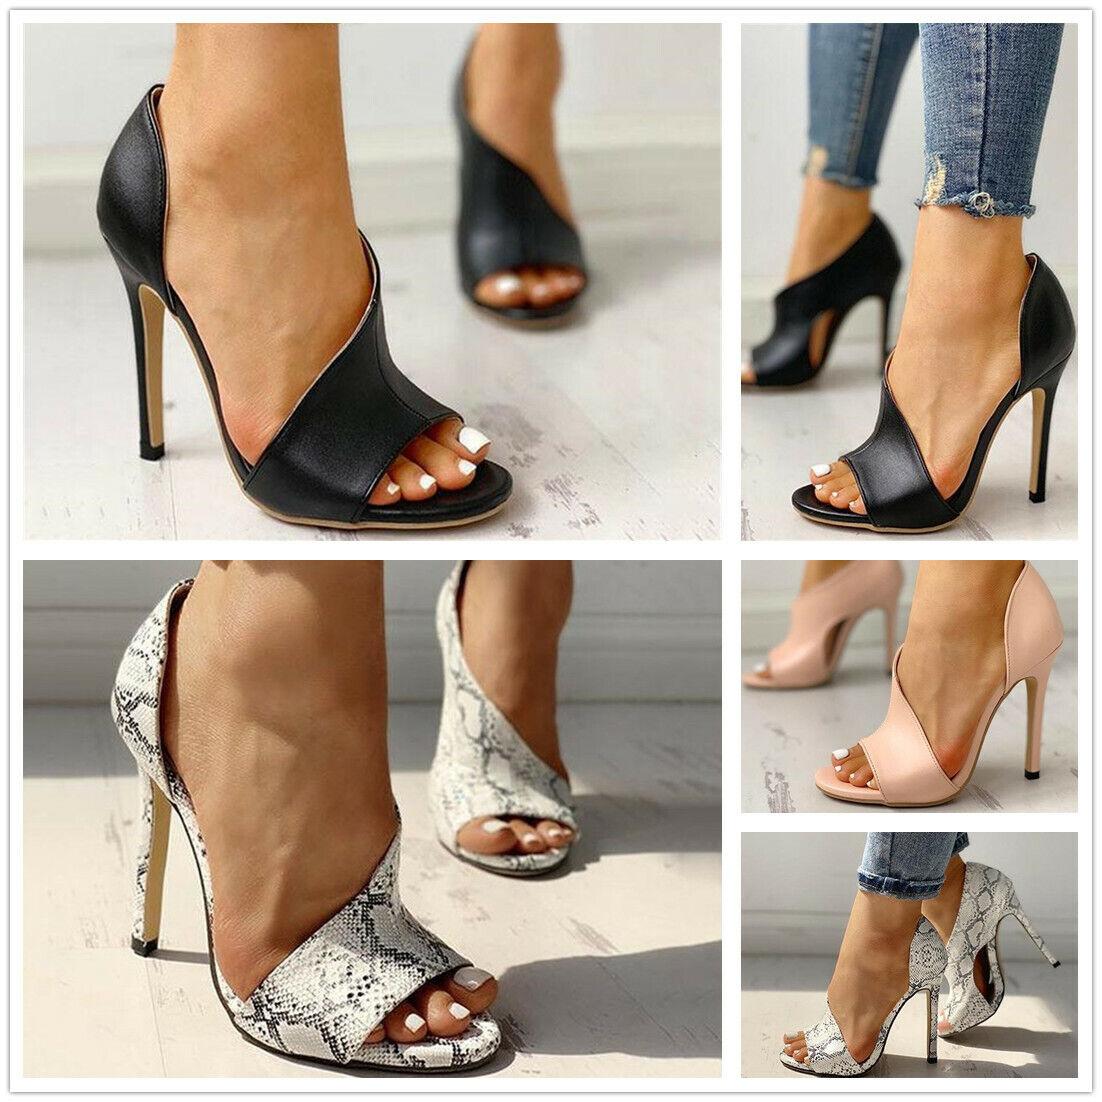 open toe high heel pumps